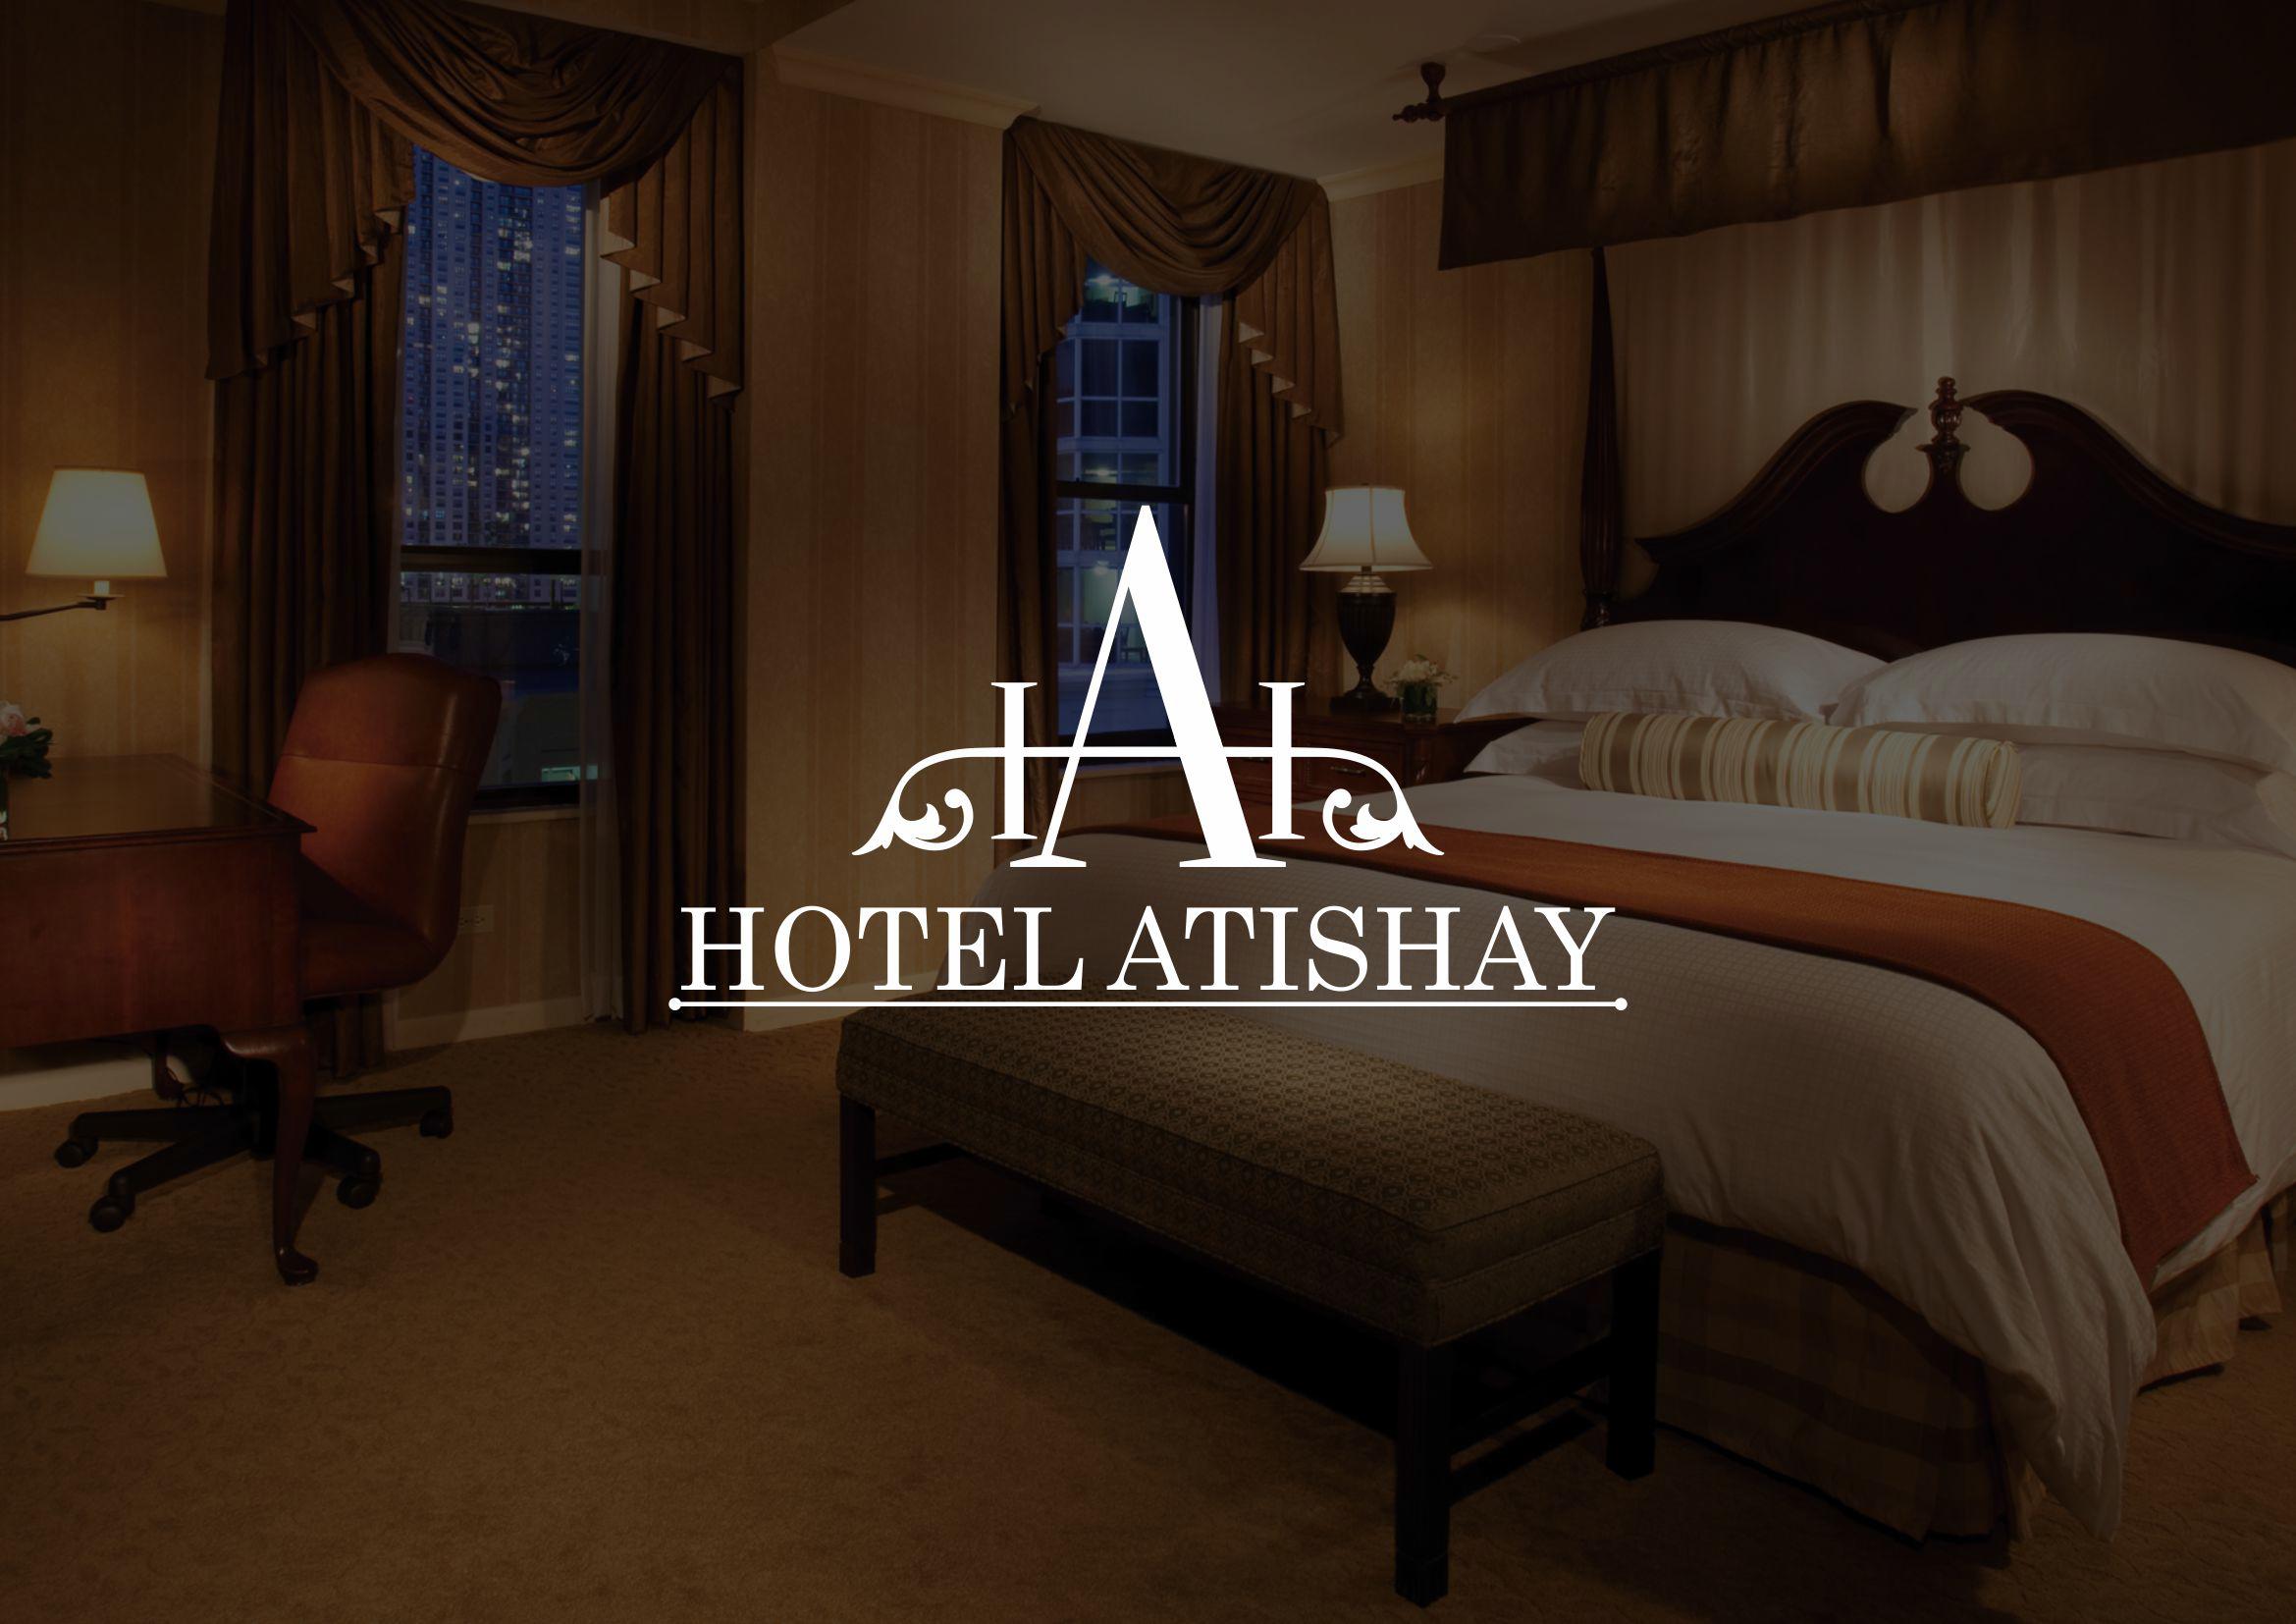 HOTEL-ATISHAY—logo-1